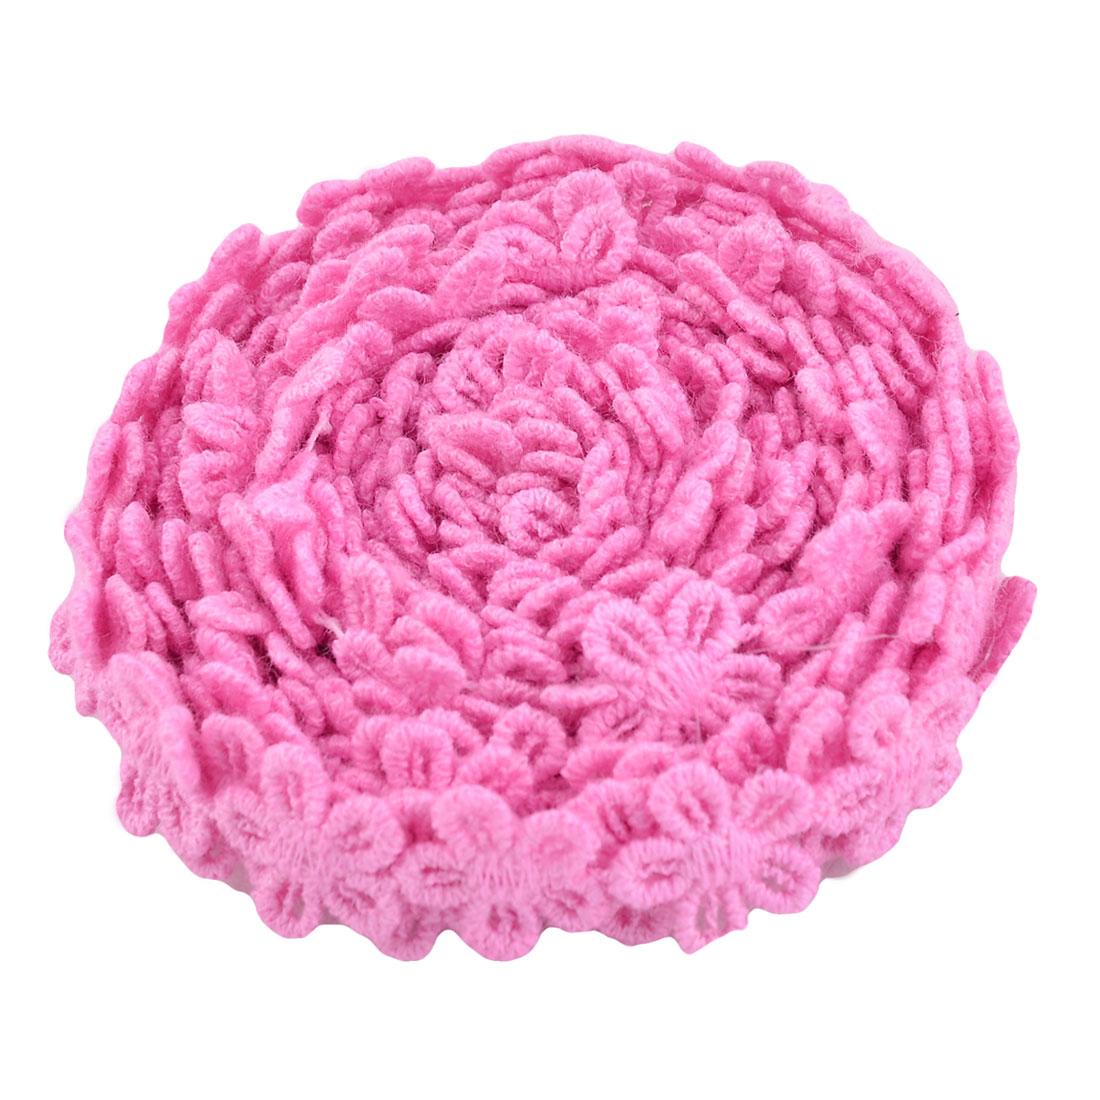 Home Cotton Blends Flower Design DIY Clothing Decorative Lace Trim Applique Pink